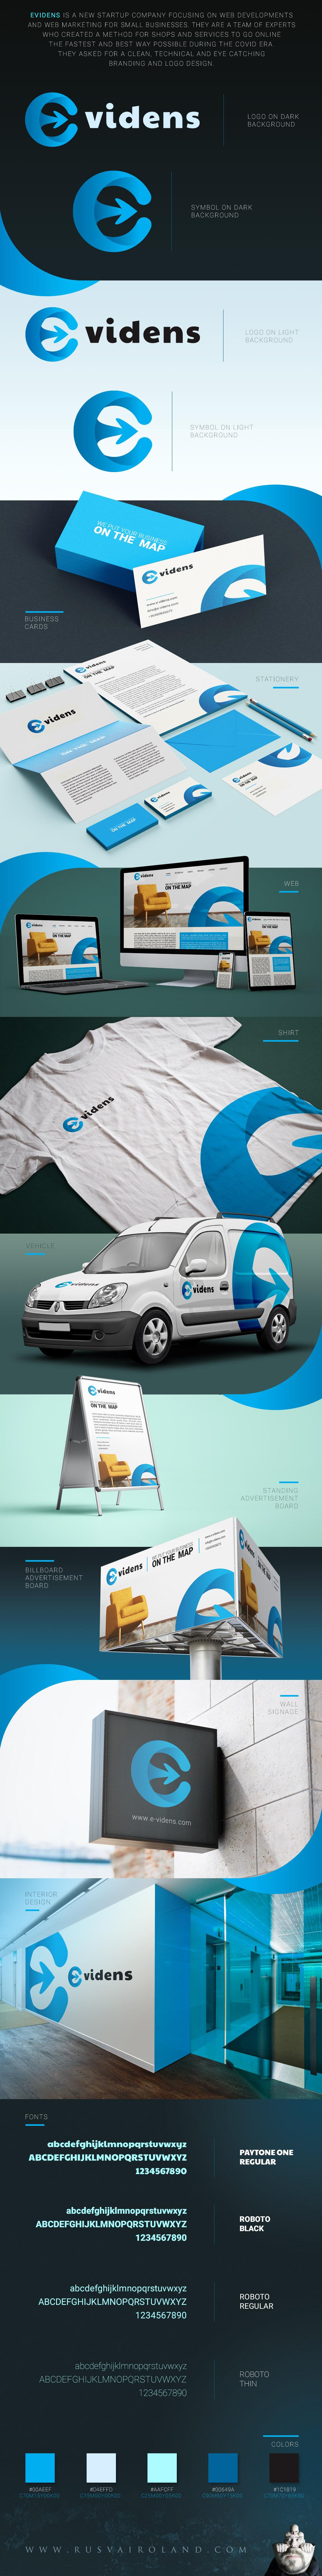 evidens corporate branding design full identity